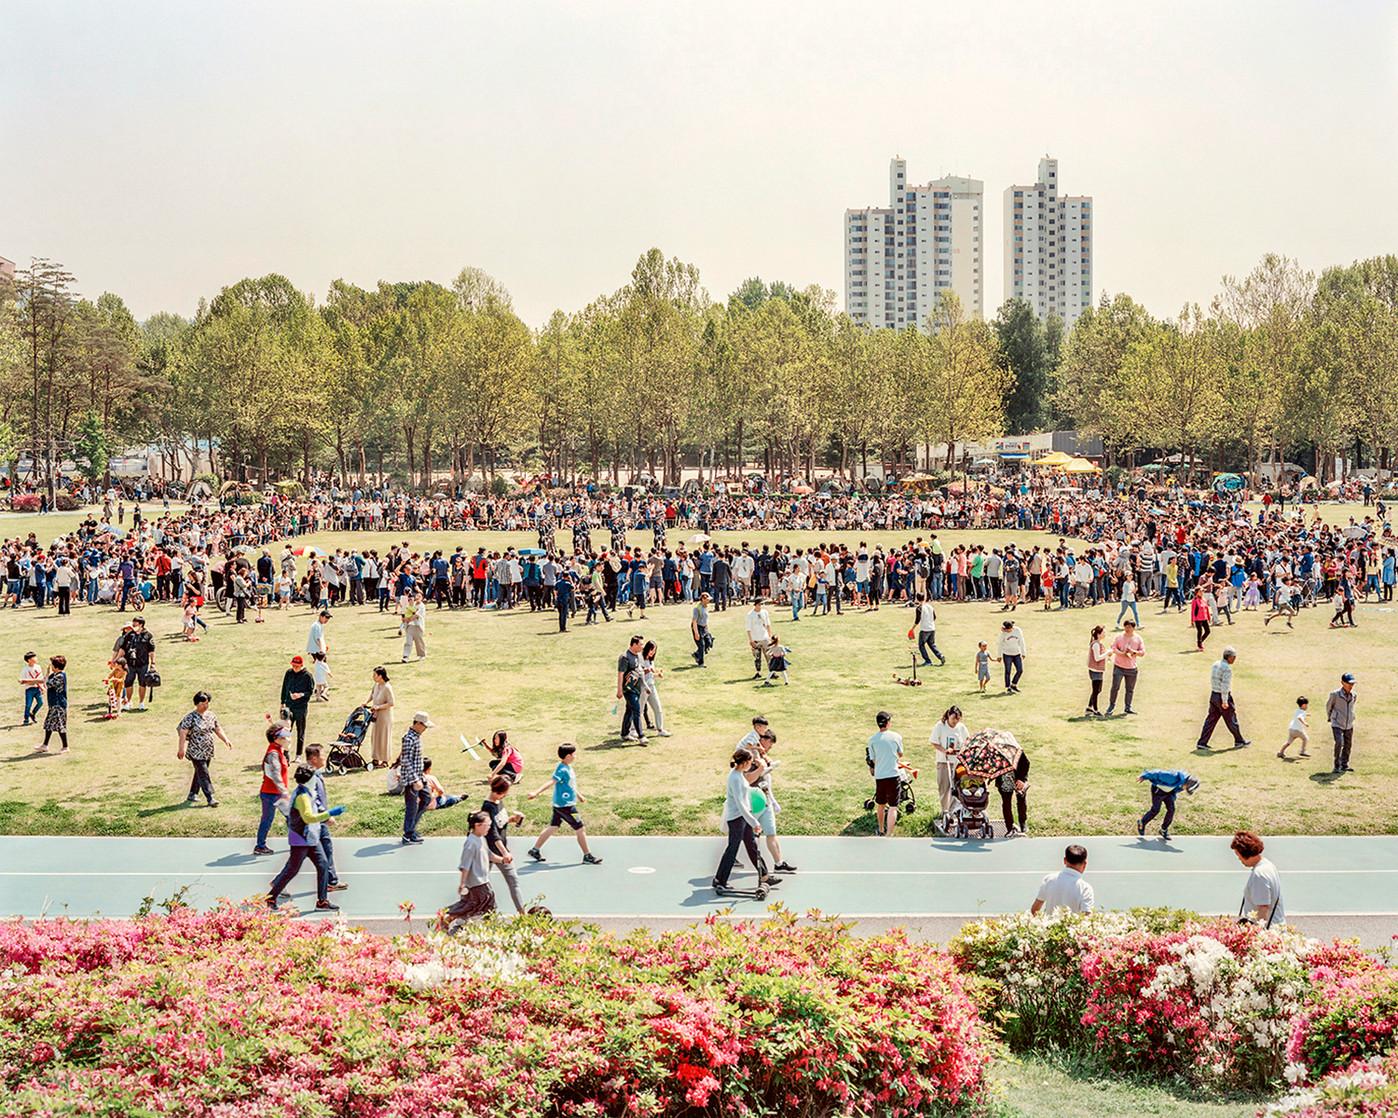 Boramae Park, Seoul, May 2019